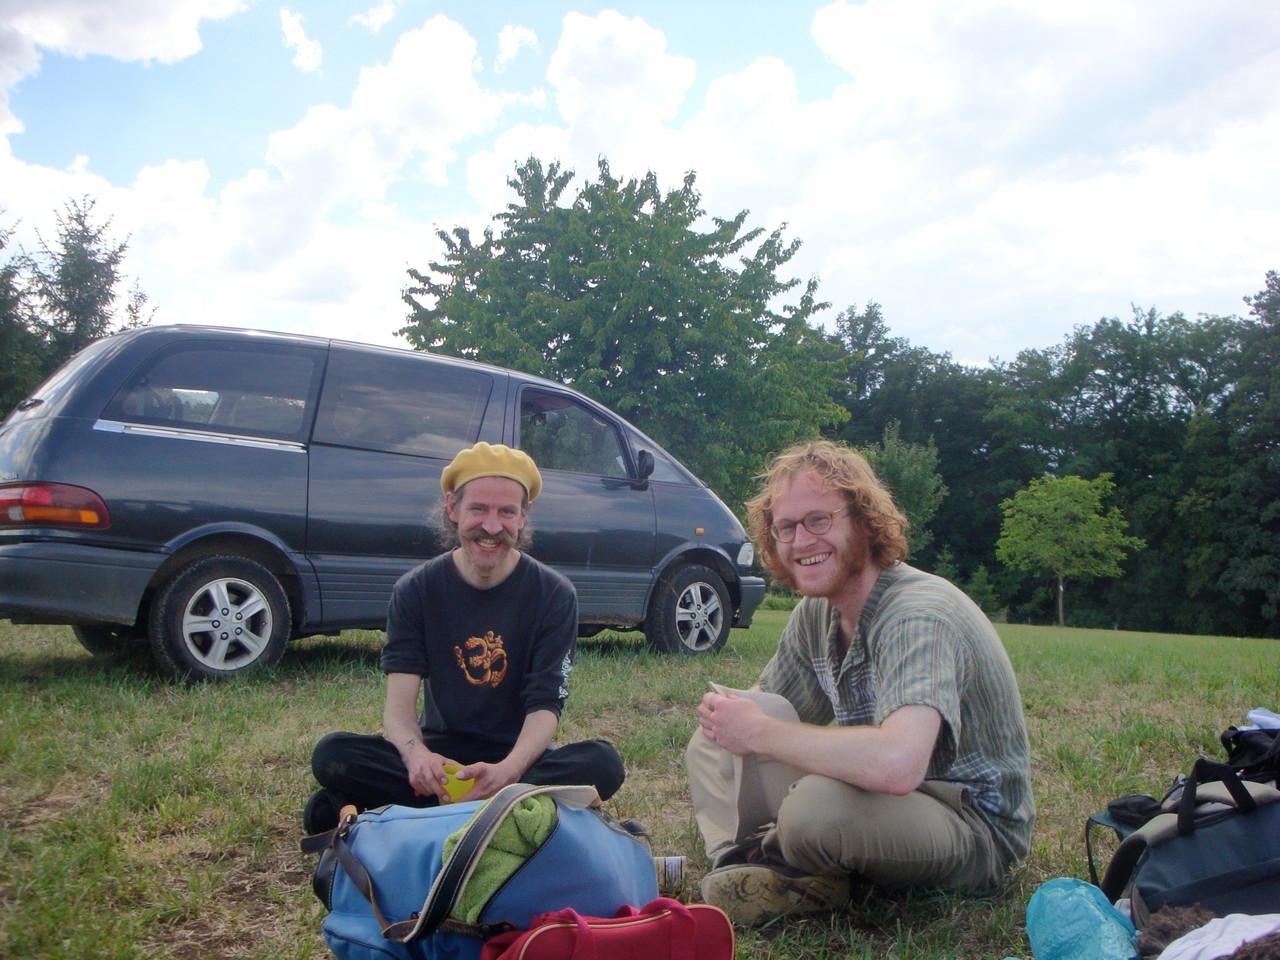 mit Tobias Huber (mondsucht festival - schweiz)